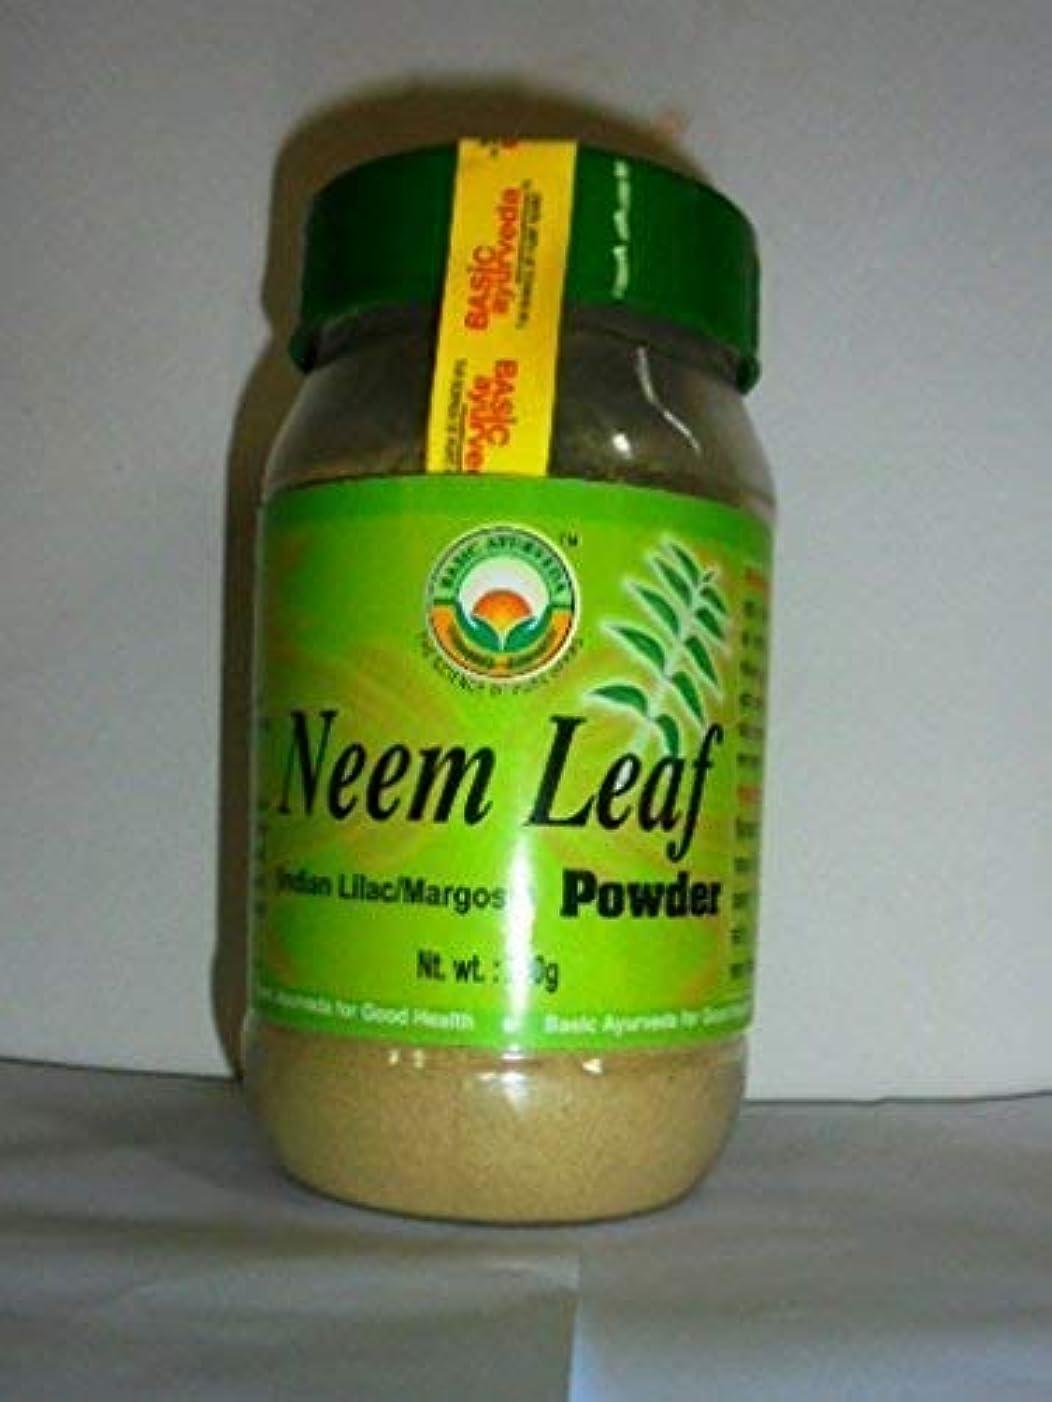 ドロー失望させる複製するNexxa 200g Pure Natural Basic Ayurveda Neem Leaf Powder Indian Lilac